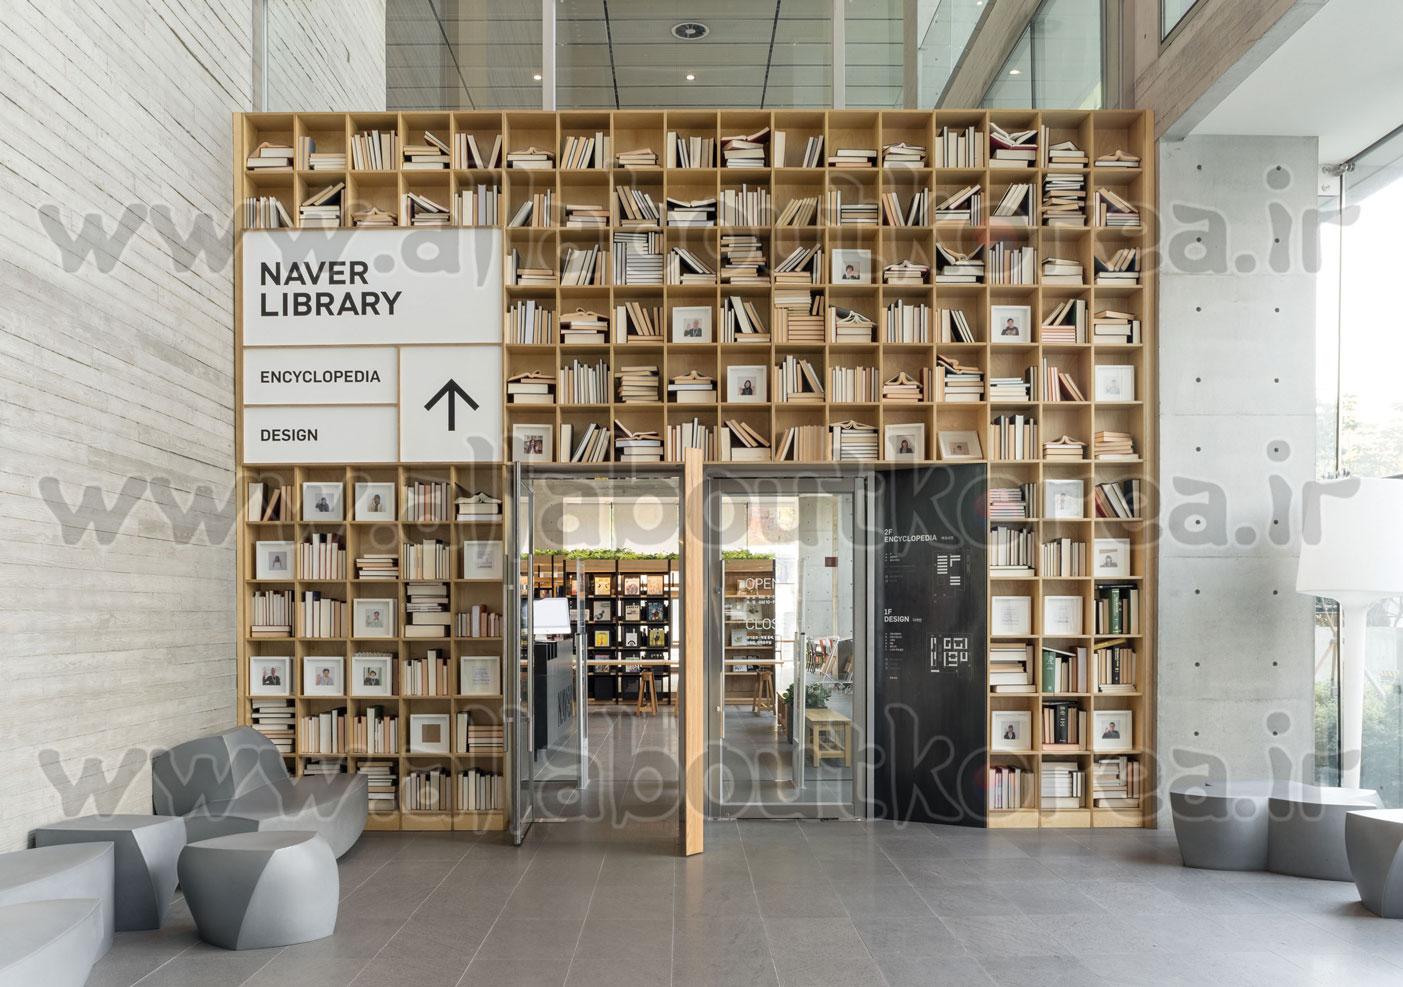 کتابخانه ناور (Naver Library)